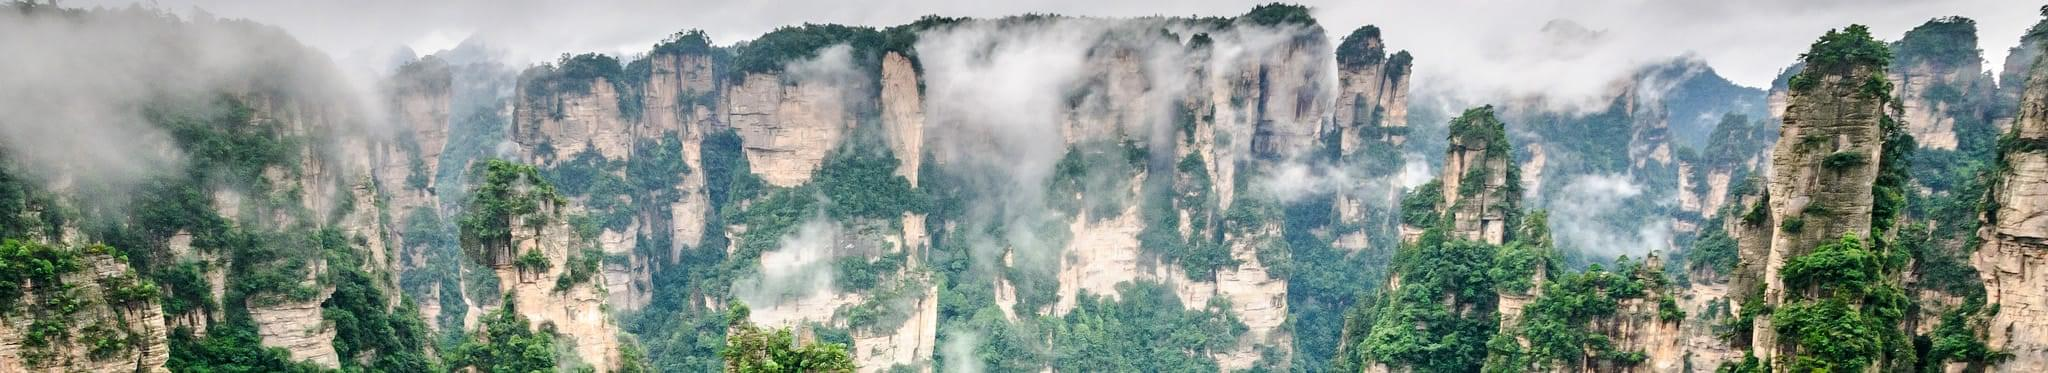 Долина шести чудес <br> Пекин — Лоян — Сиань — Чжанцзяцзе — Шанхай